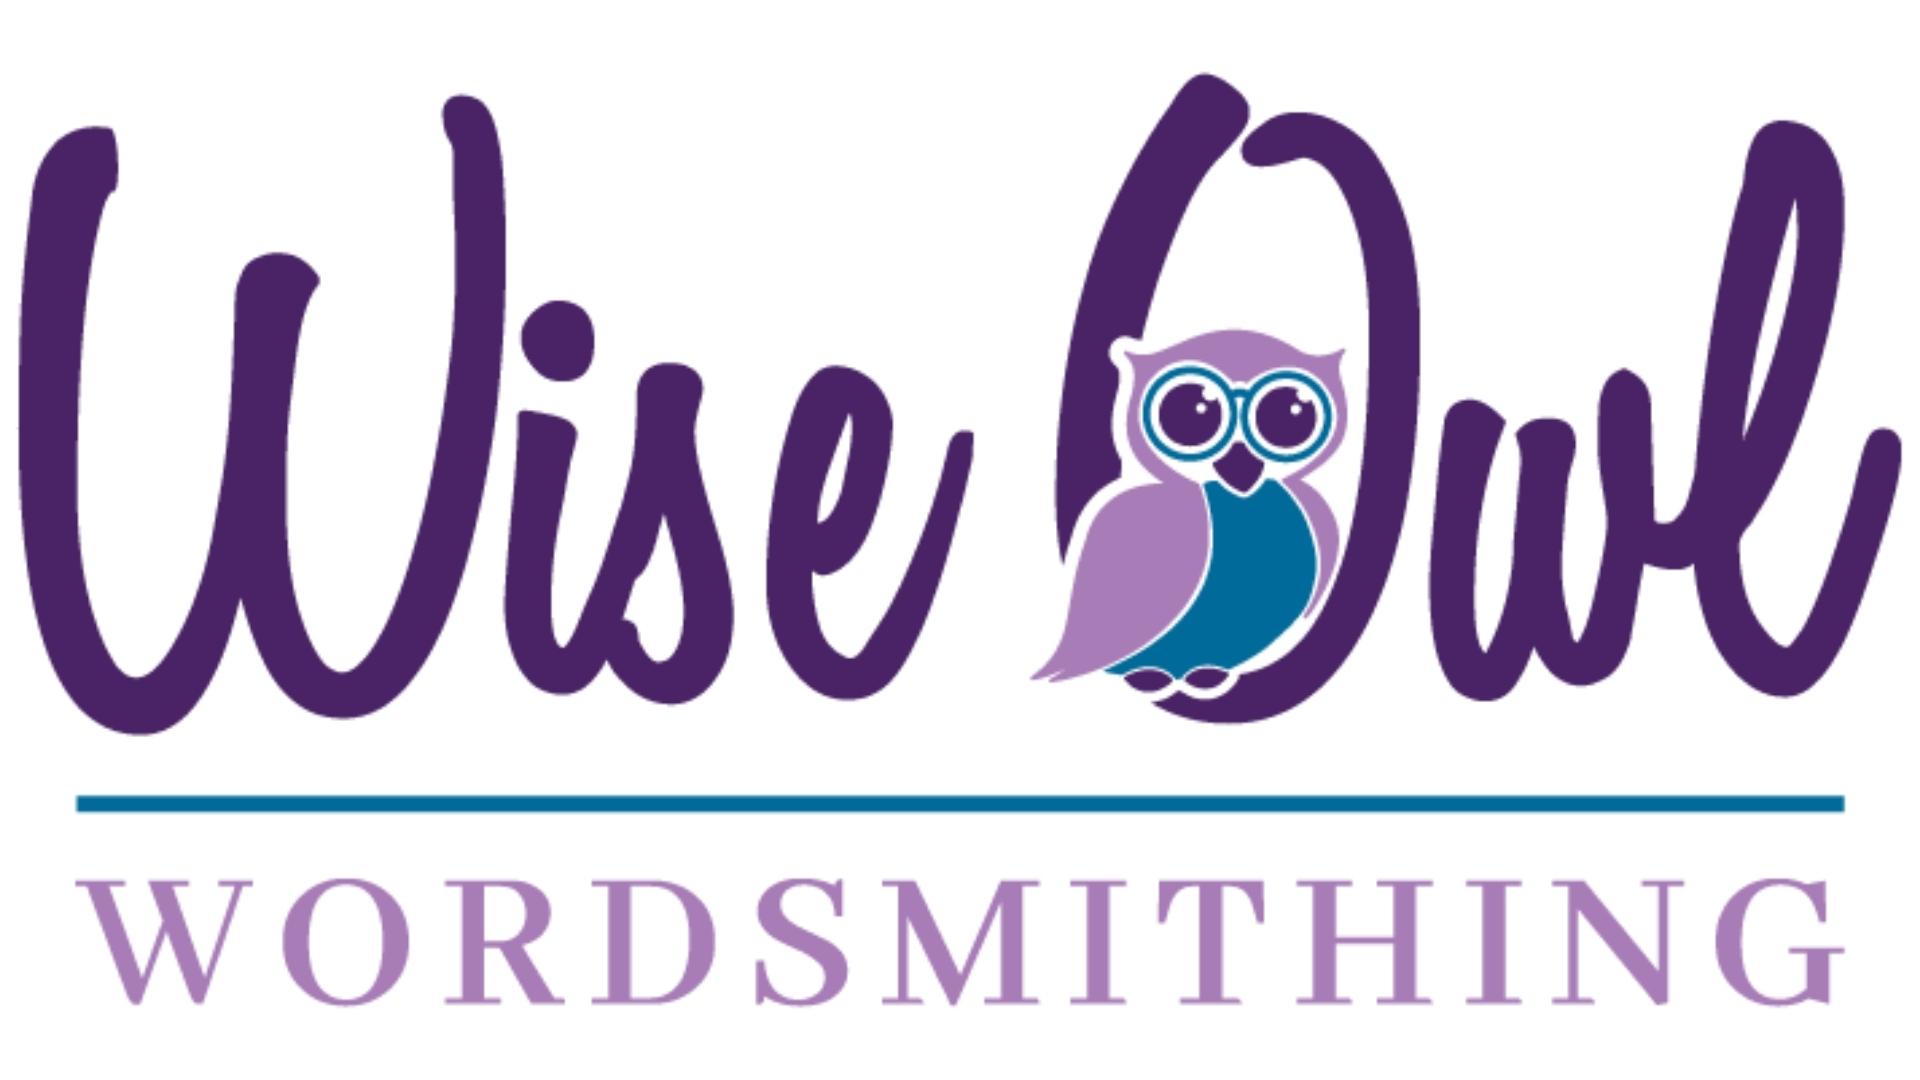 Wise Owl Wordsmithing